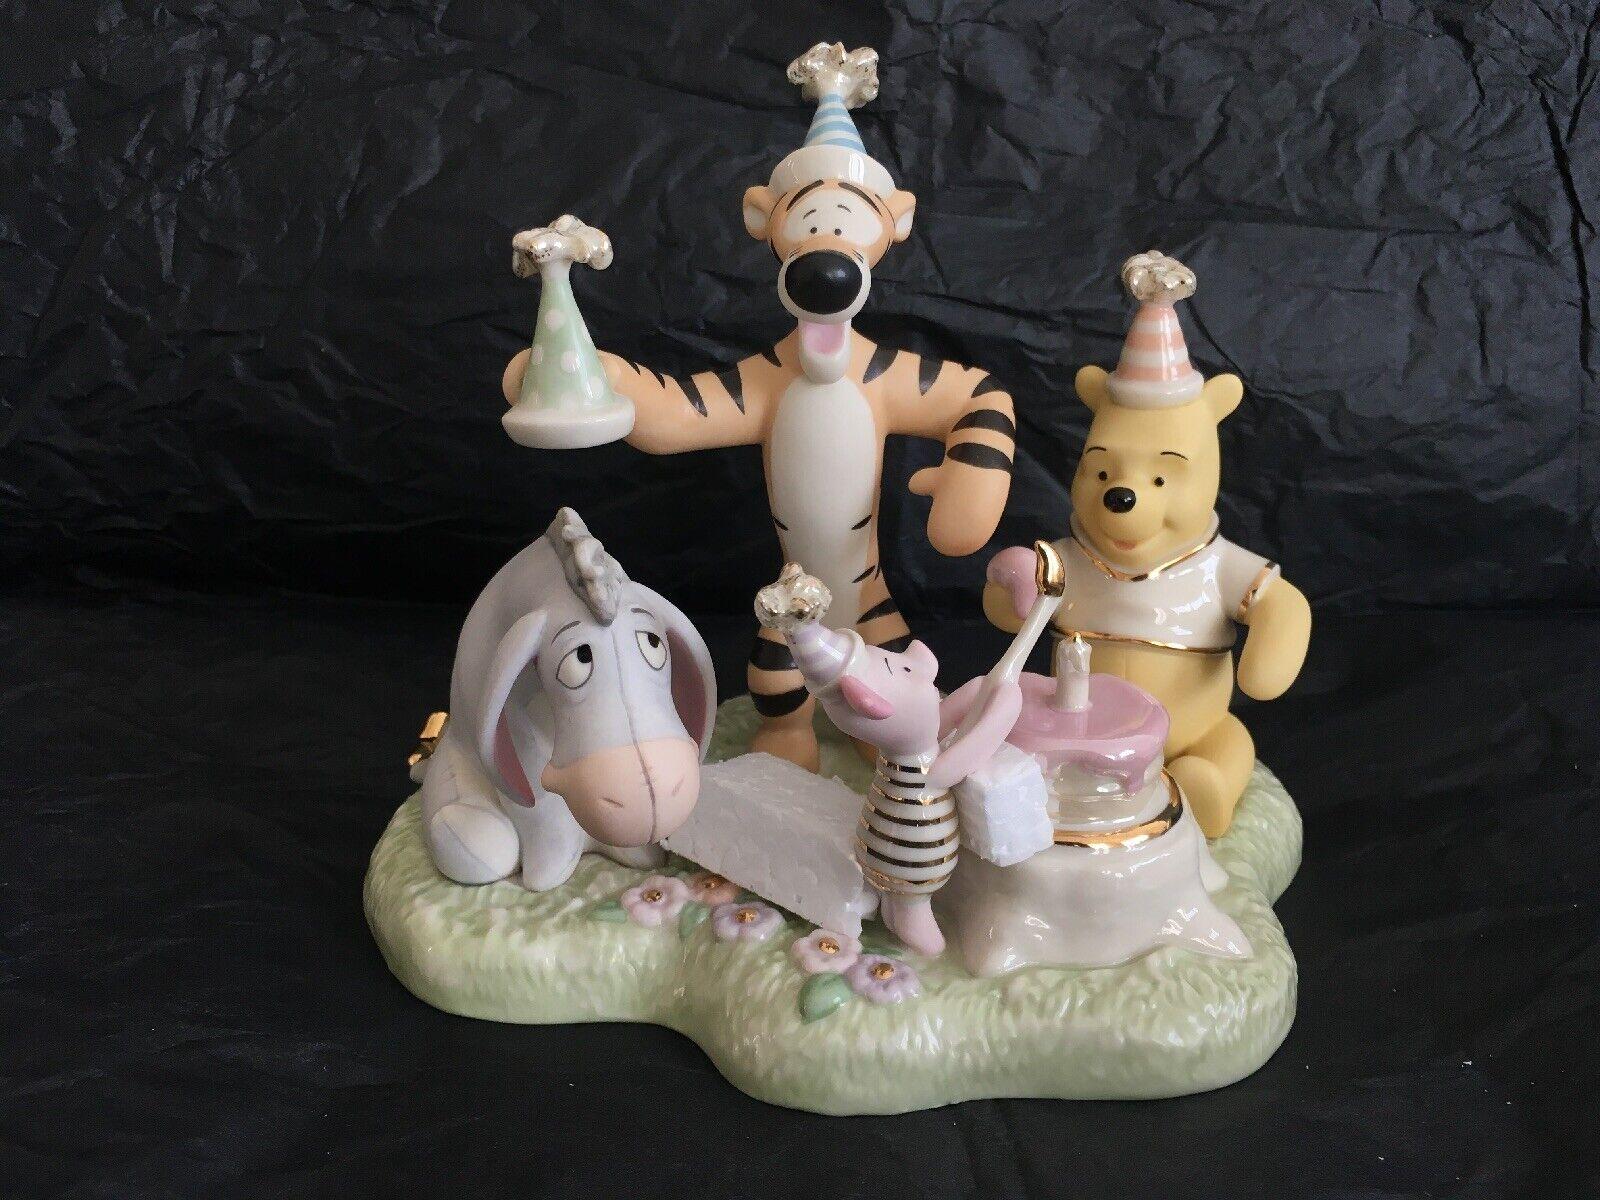 Lenox Pooh's très spécial anniversaire, Boxed, hautement Collectible